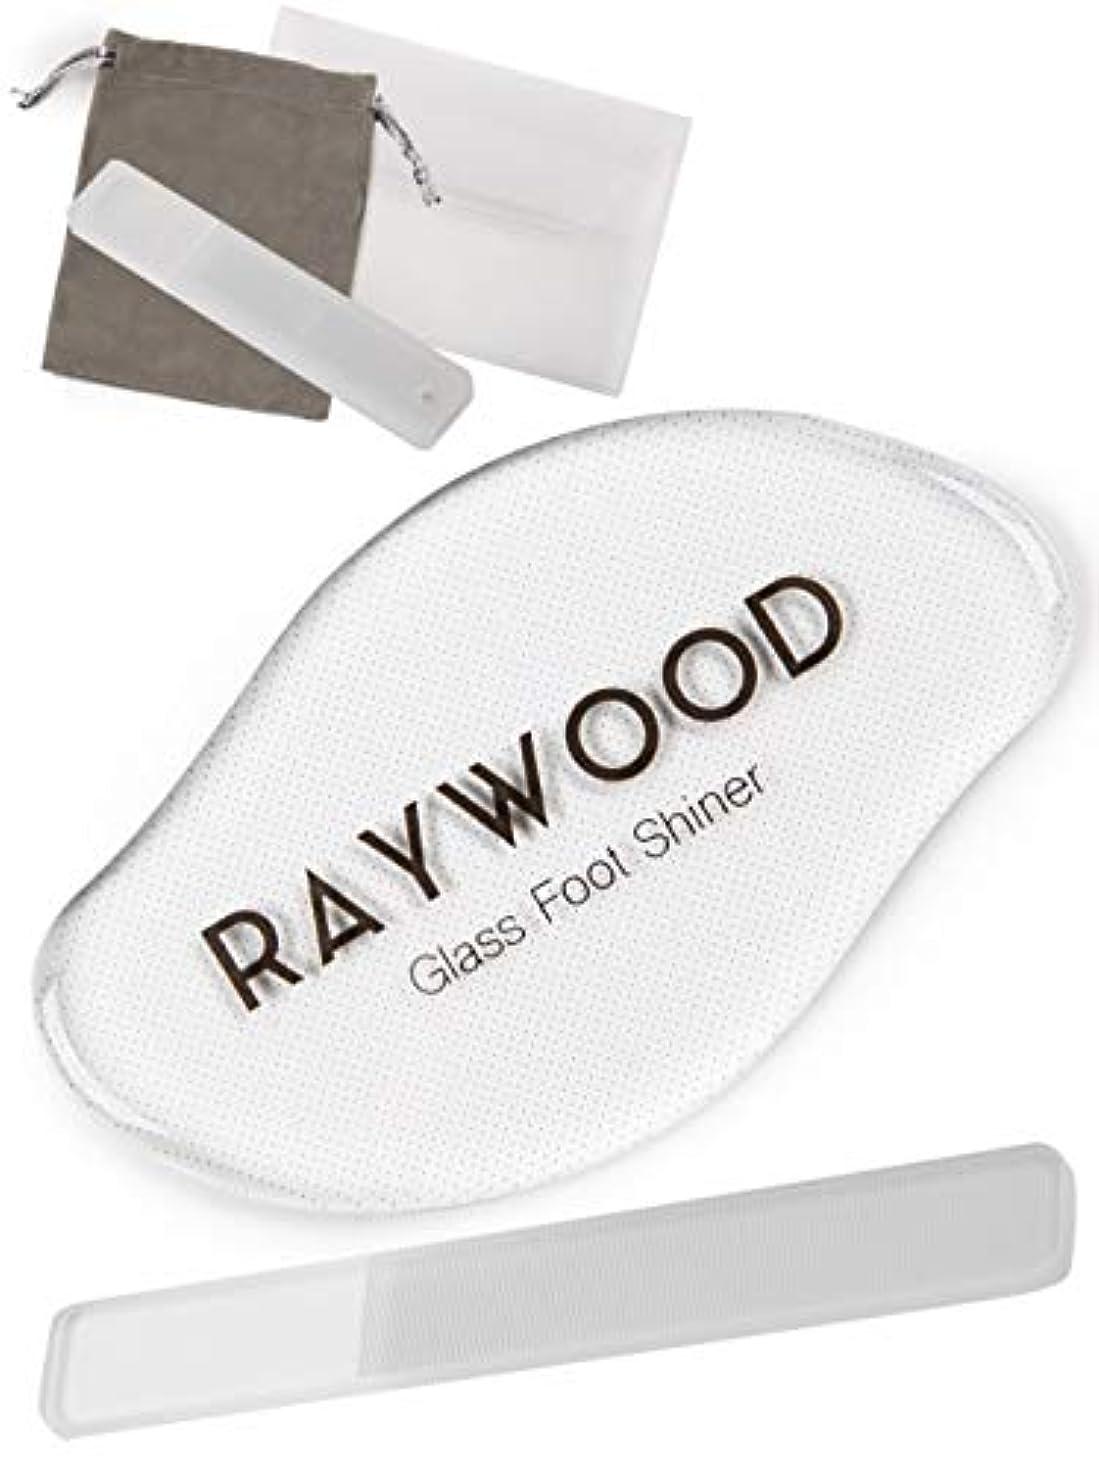 論争トリッキー答えレイウッド かかと削り ガラス かかと 角質取り 角質 除去 足 ナノガラス 爪磨き 携帯 セット 専用ケース付き